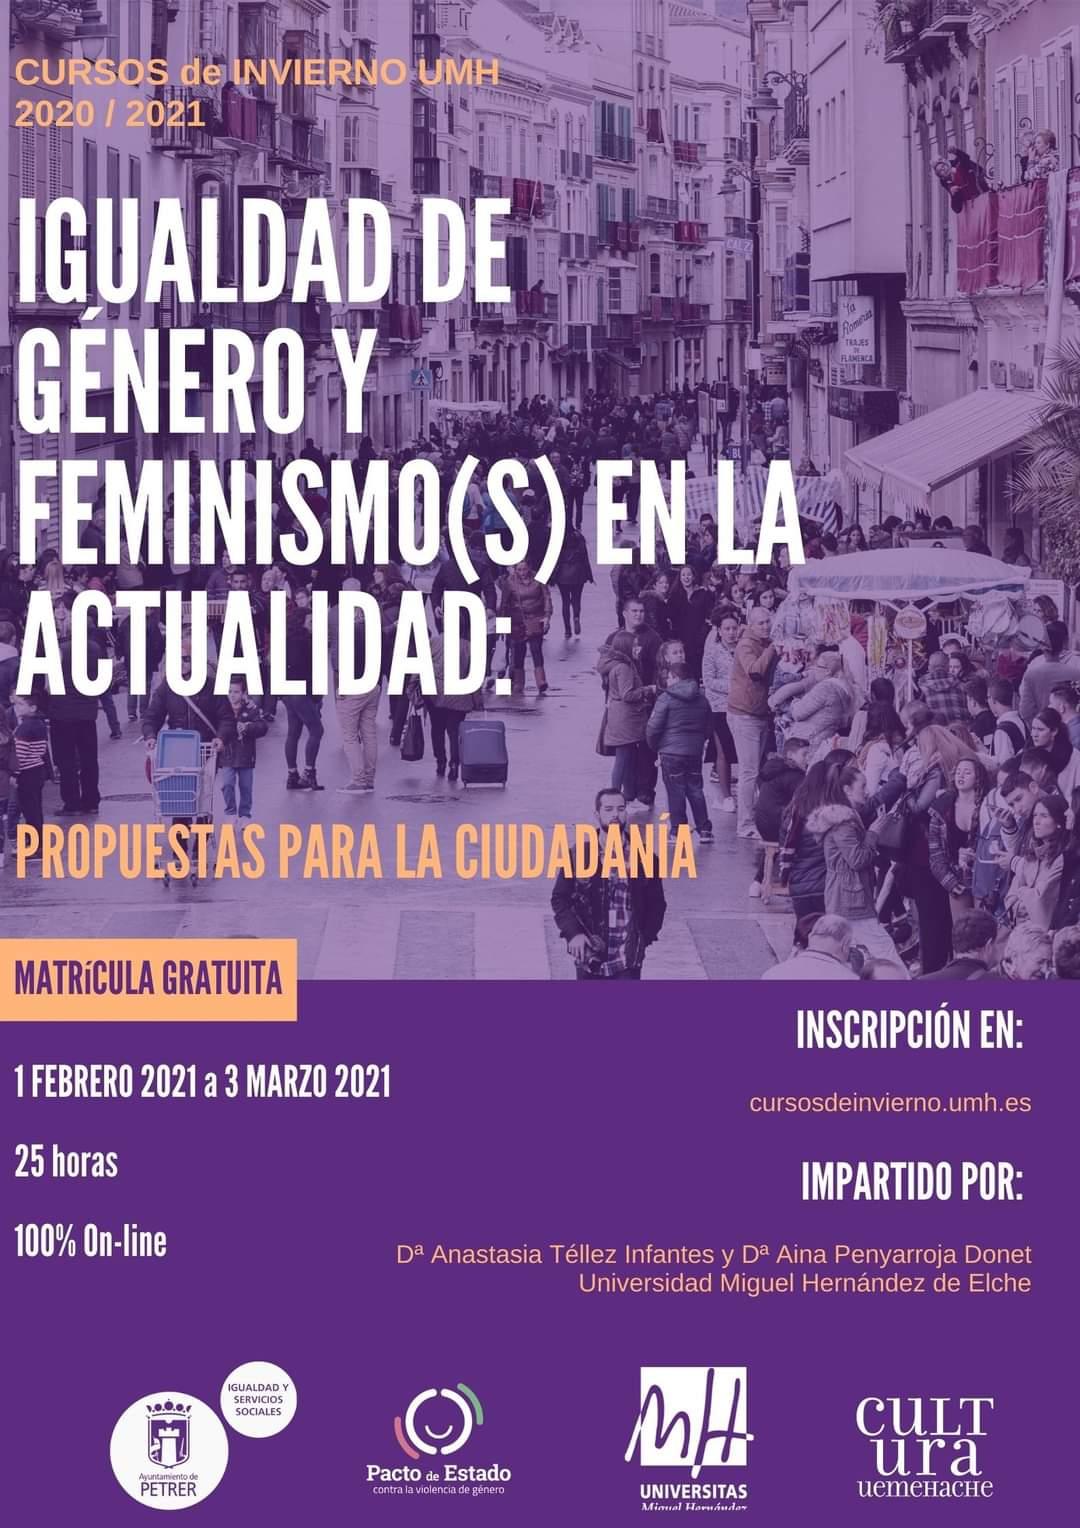 Curso Igualdad de género y feminismo(s) en la actualidad